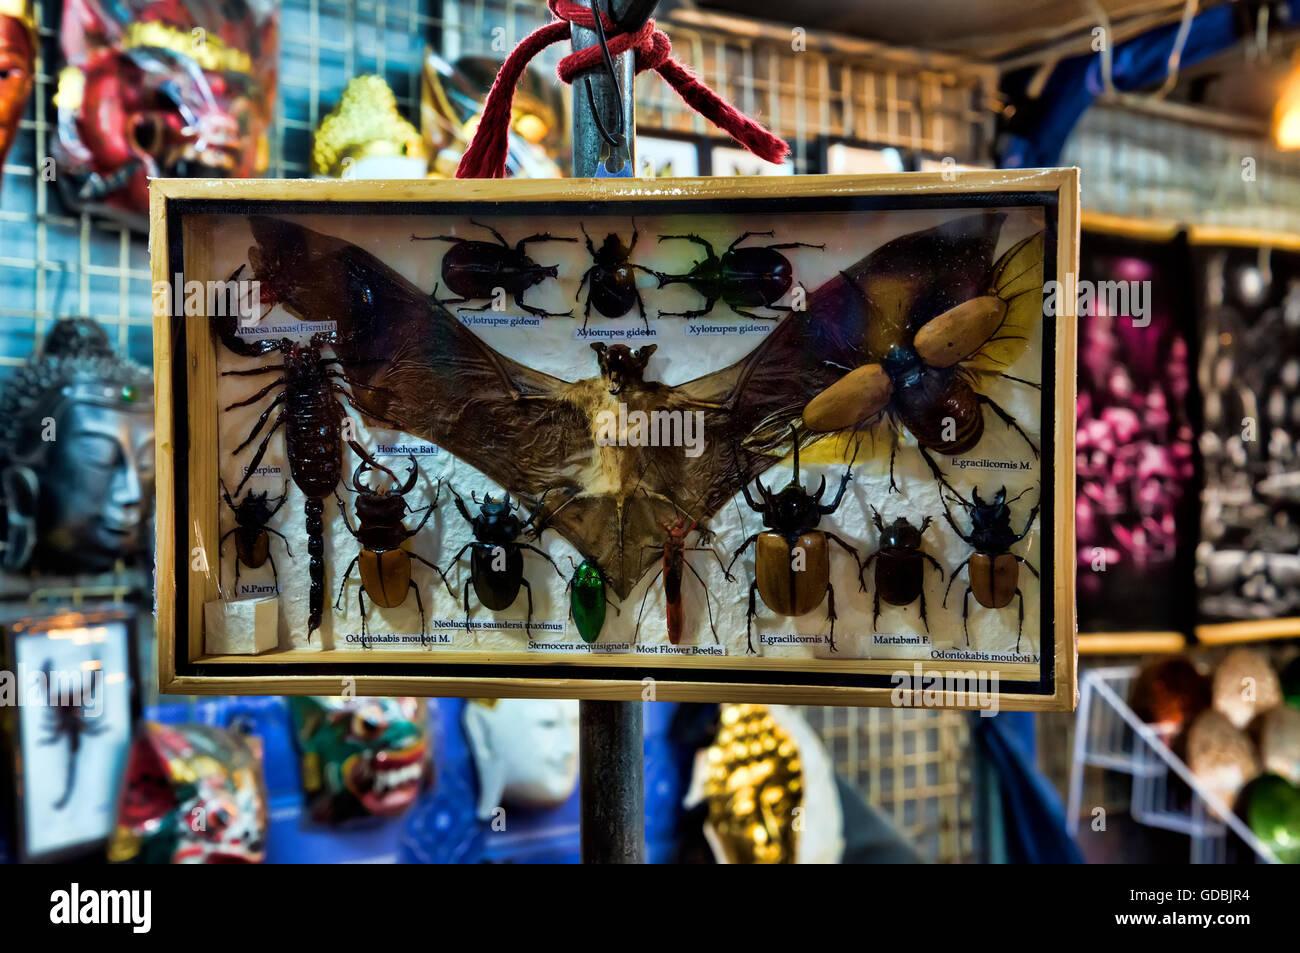 Insect and animal souvenirs, Hua Hin night market, Hua Hin, Thailand. - Stock Image